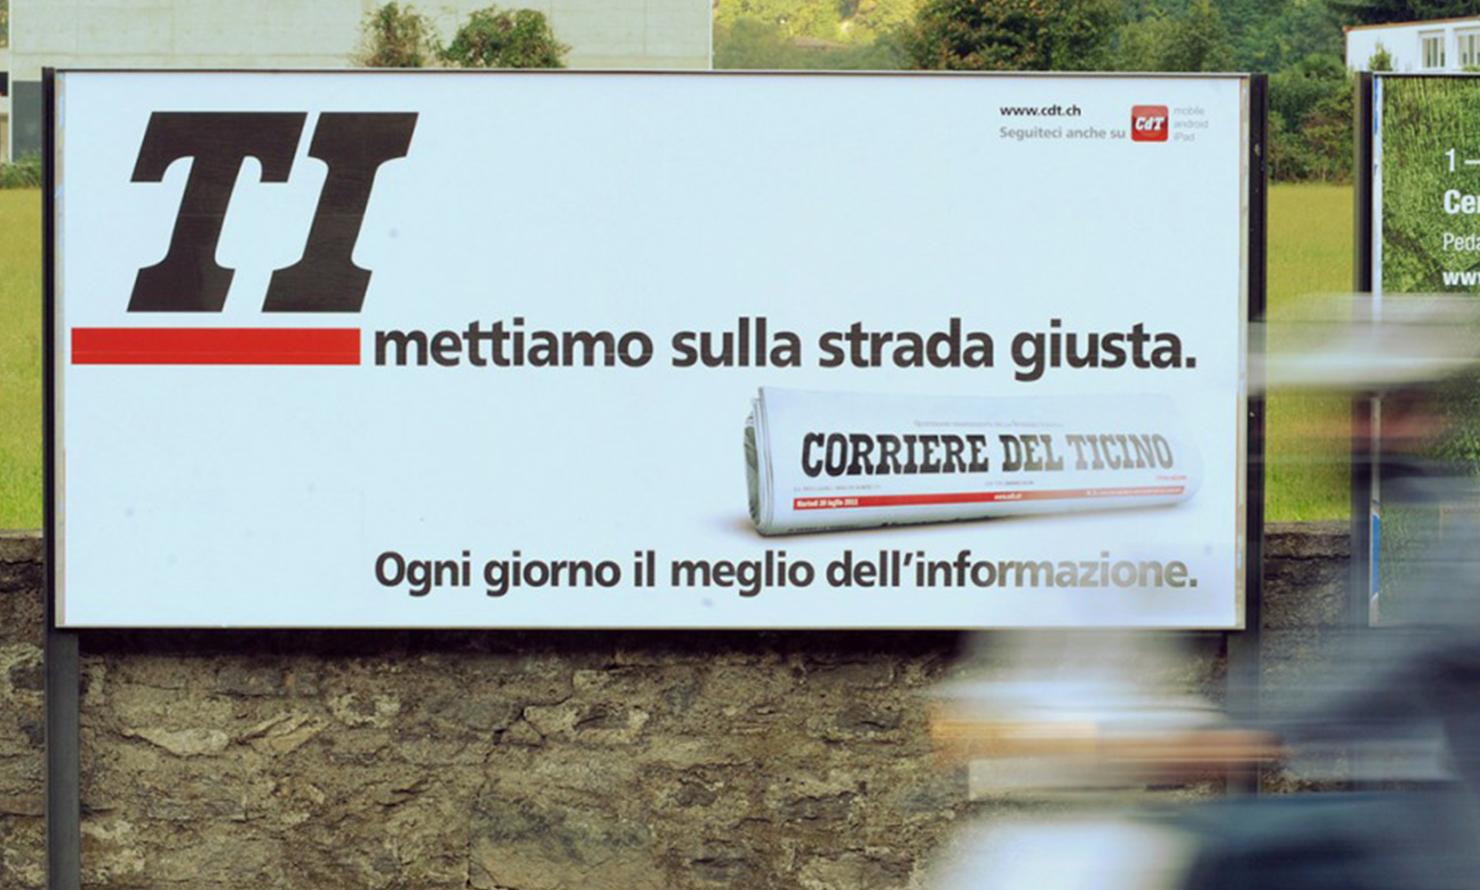 https://www.kubelibre.com/uploads/Slider-work-tutti-clienti/corriere-del-ticino-portiamo-dentro-la-notizia-3.jpg